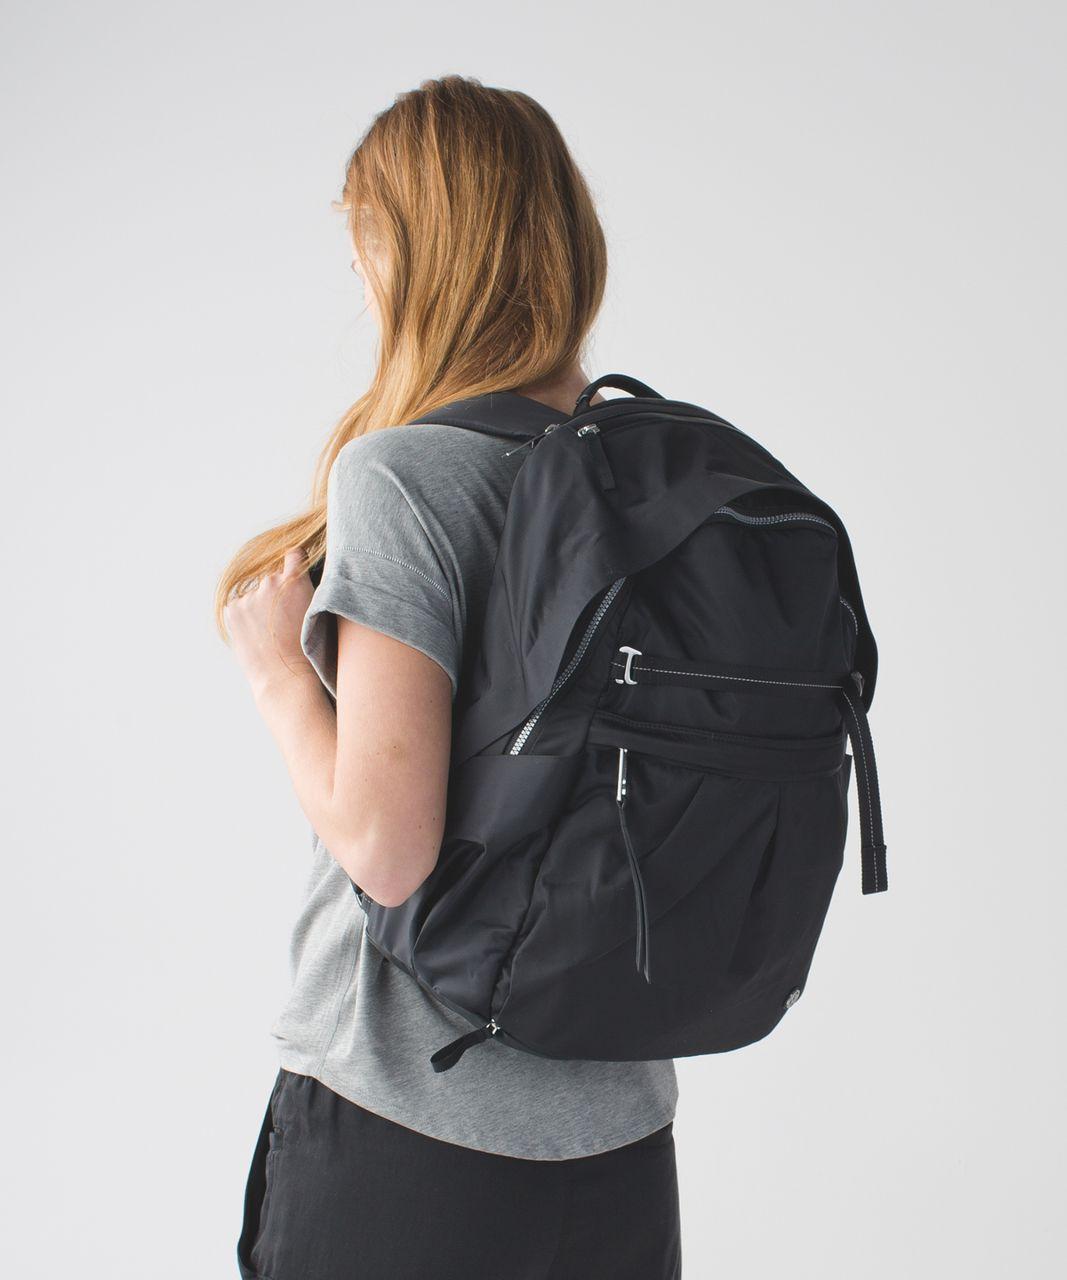 Lululemon Pack It Up Backpack - Black